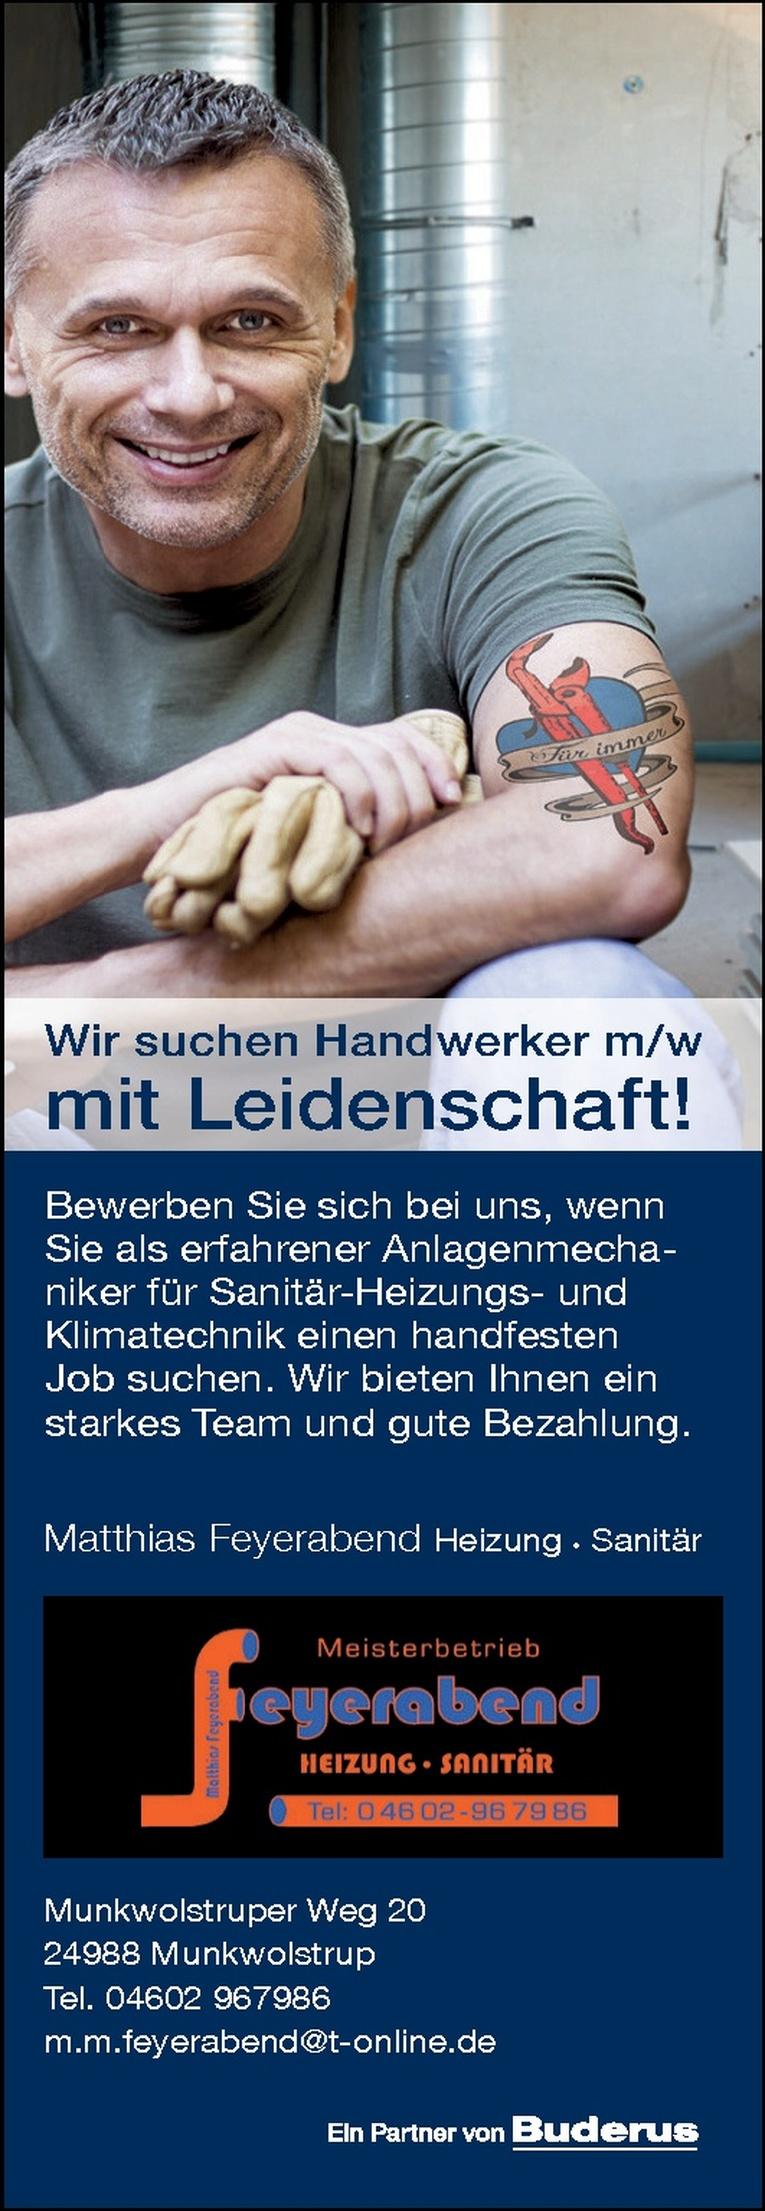 Anlagenmechaniker für Sanitär-Heizungs- und Klimatechnik m/w